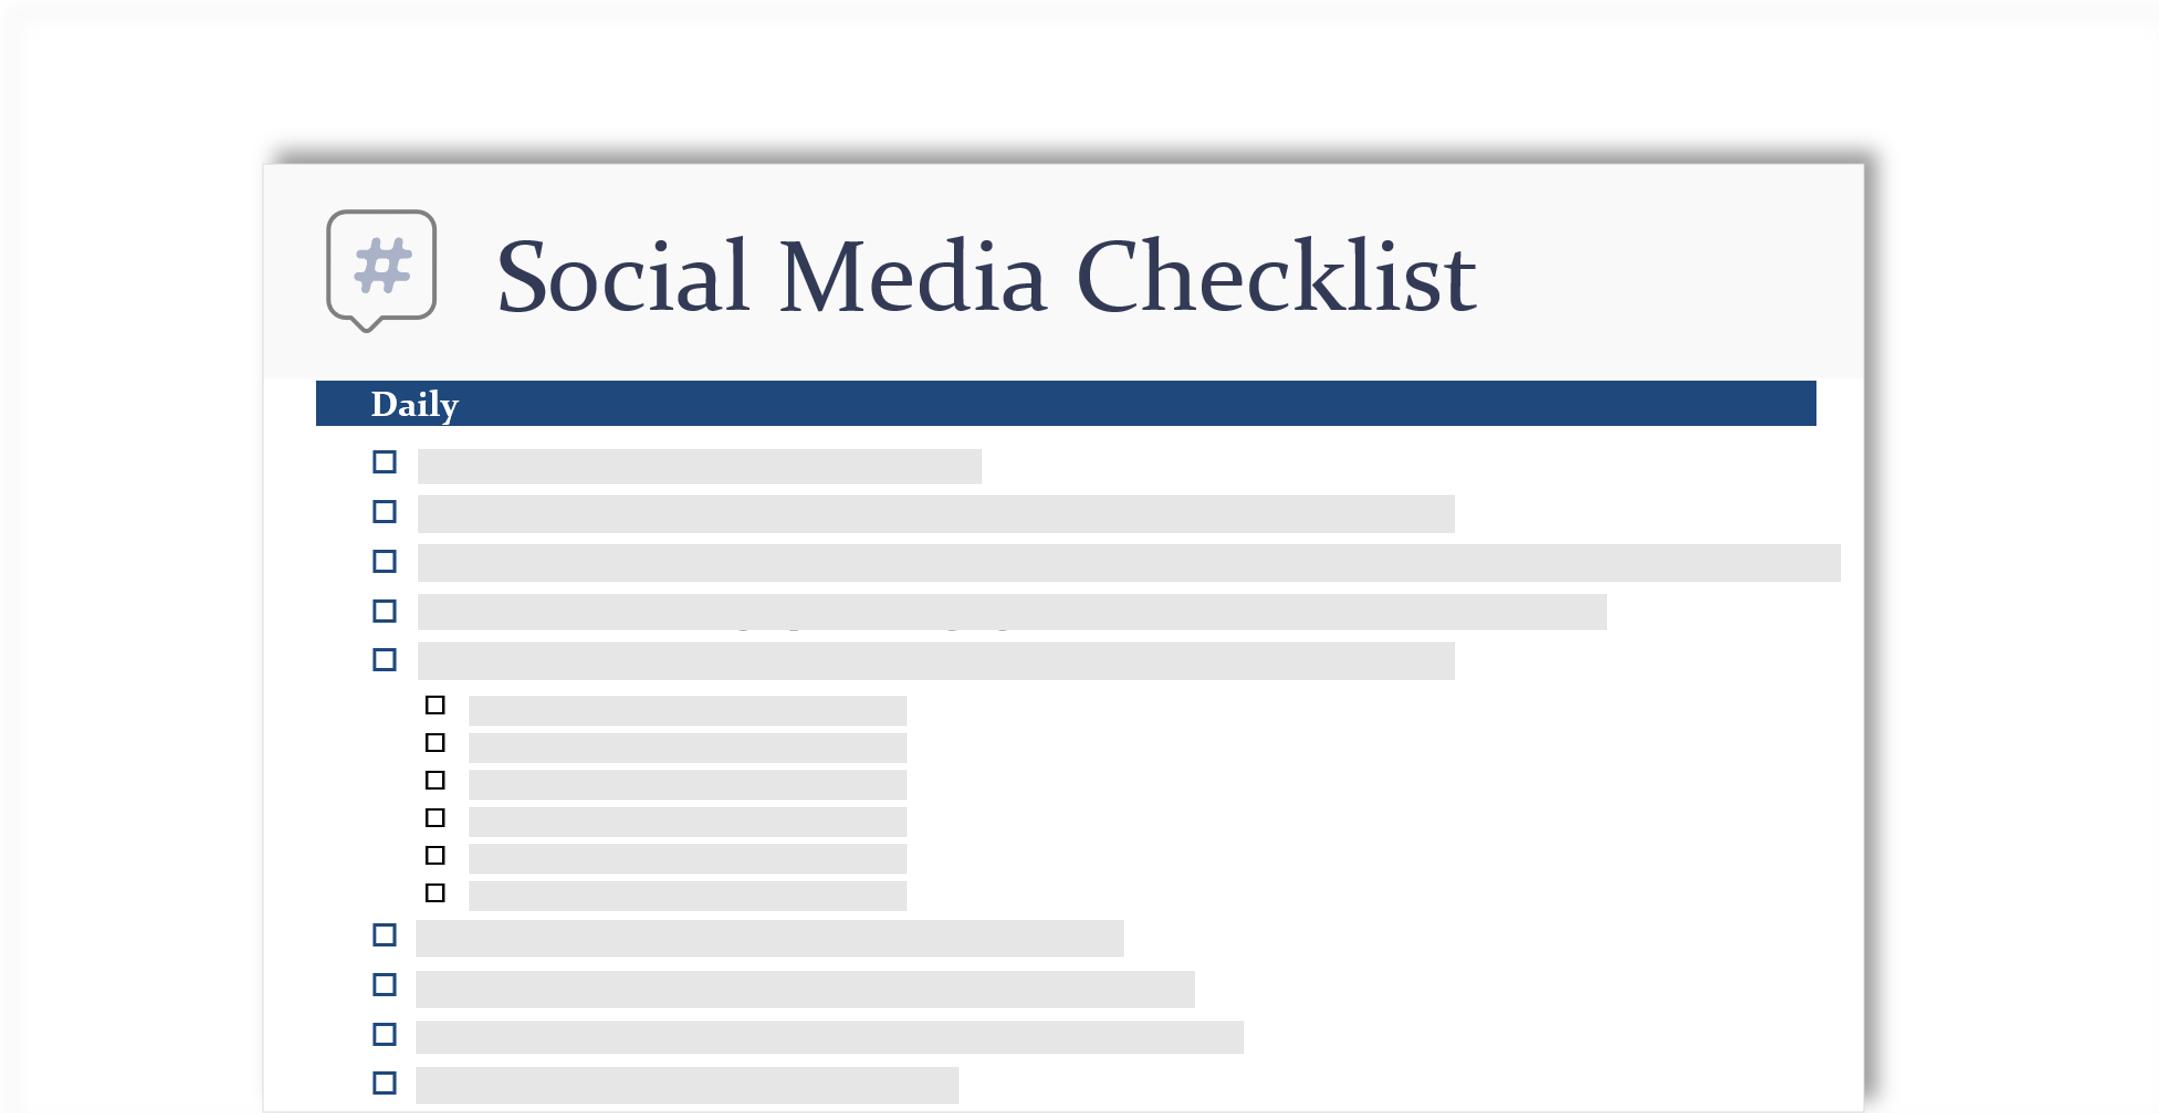 Immagine concettuale di un elenco di controllo di social networking